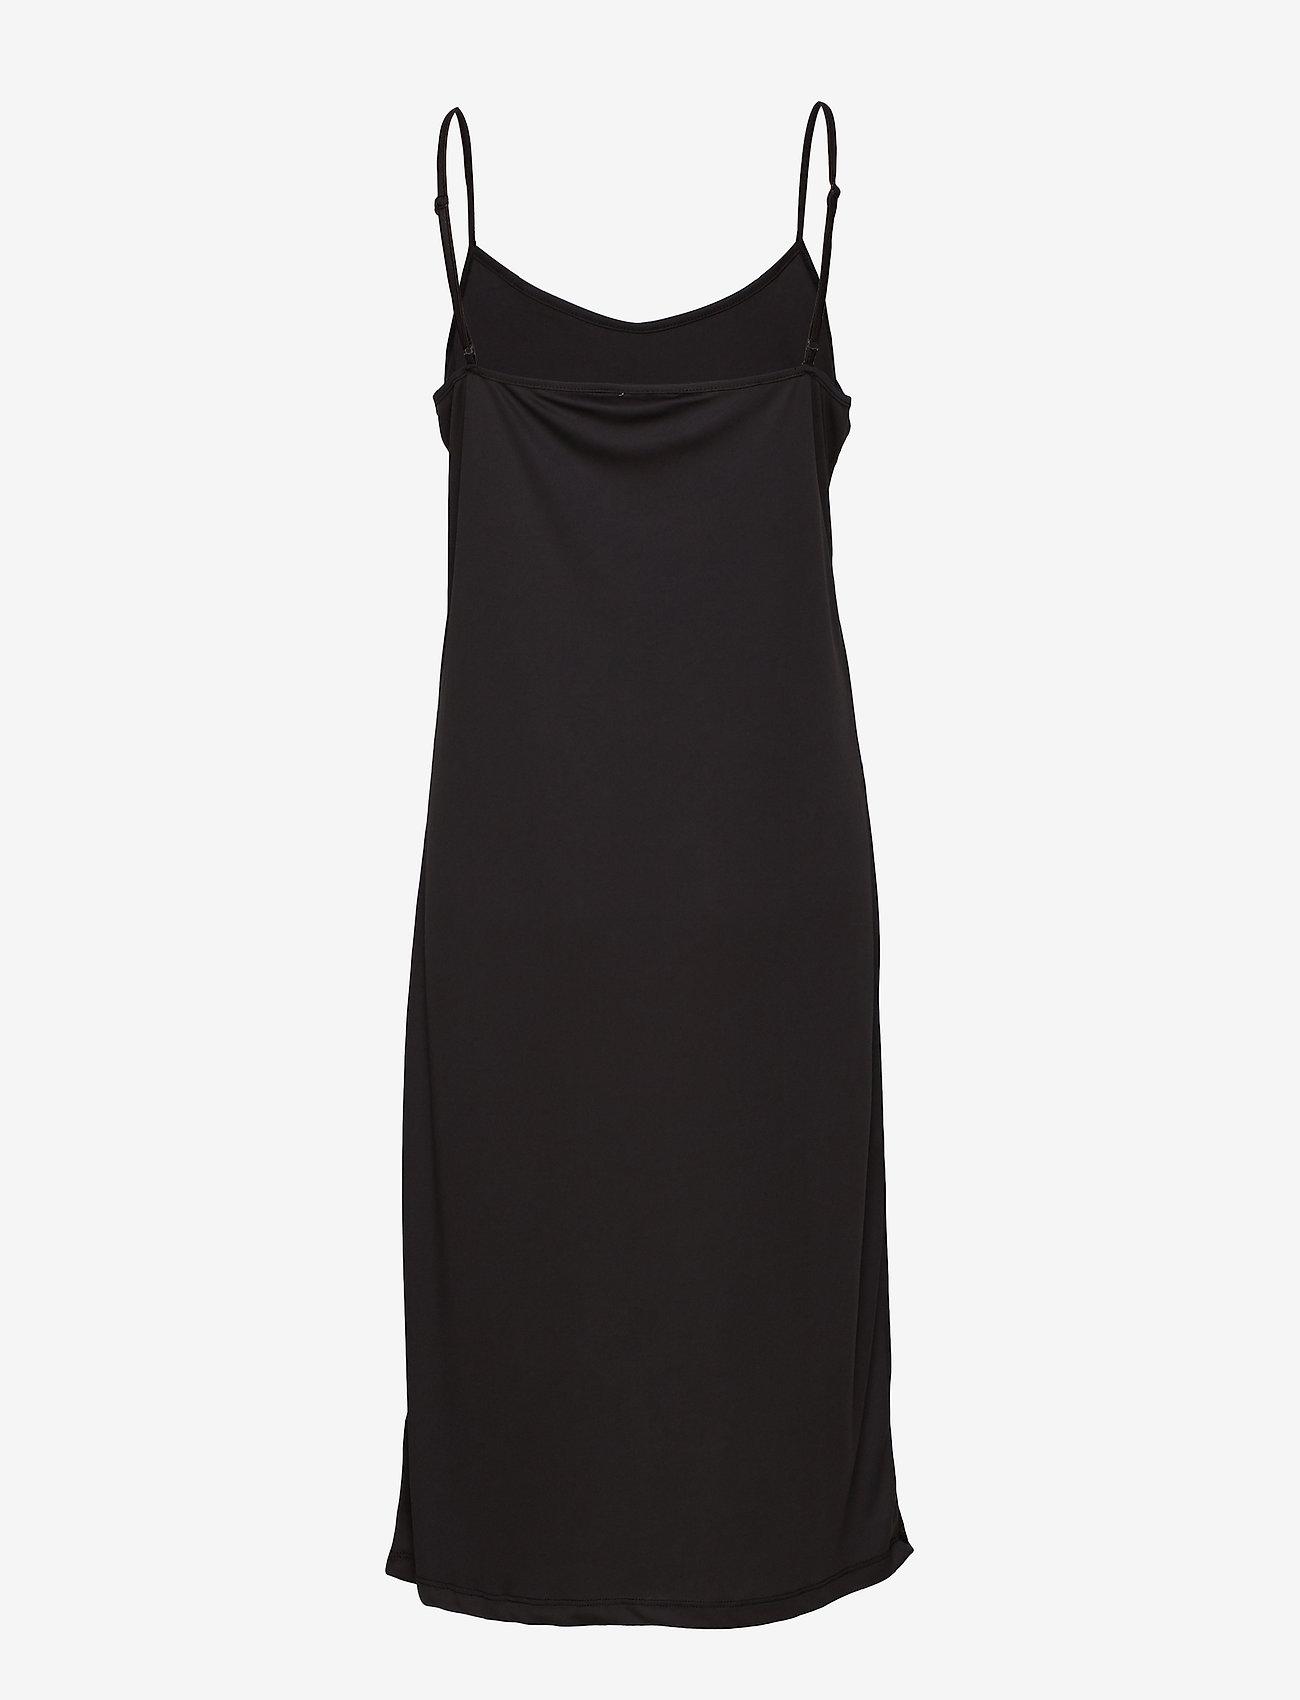 Moves loville - Sukienki BLACK - Kobiety Odzież.